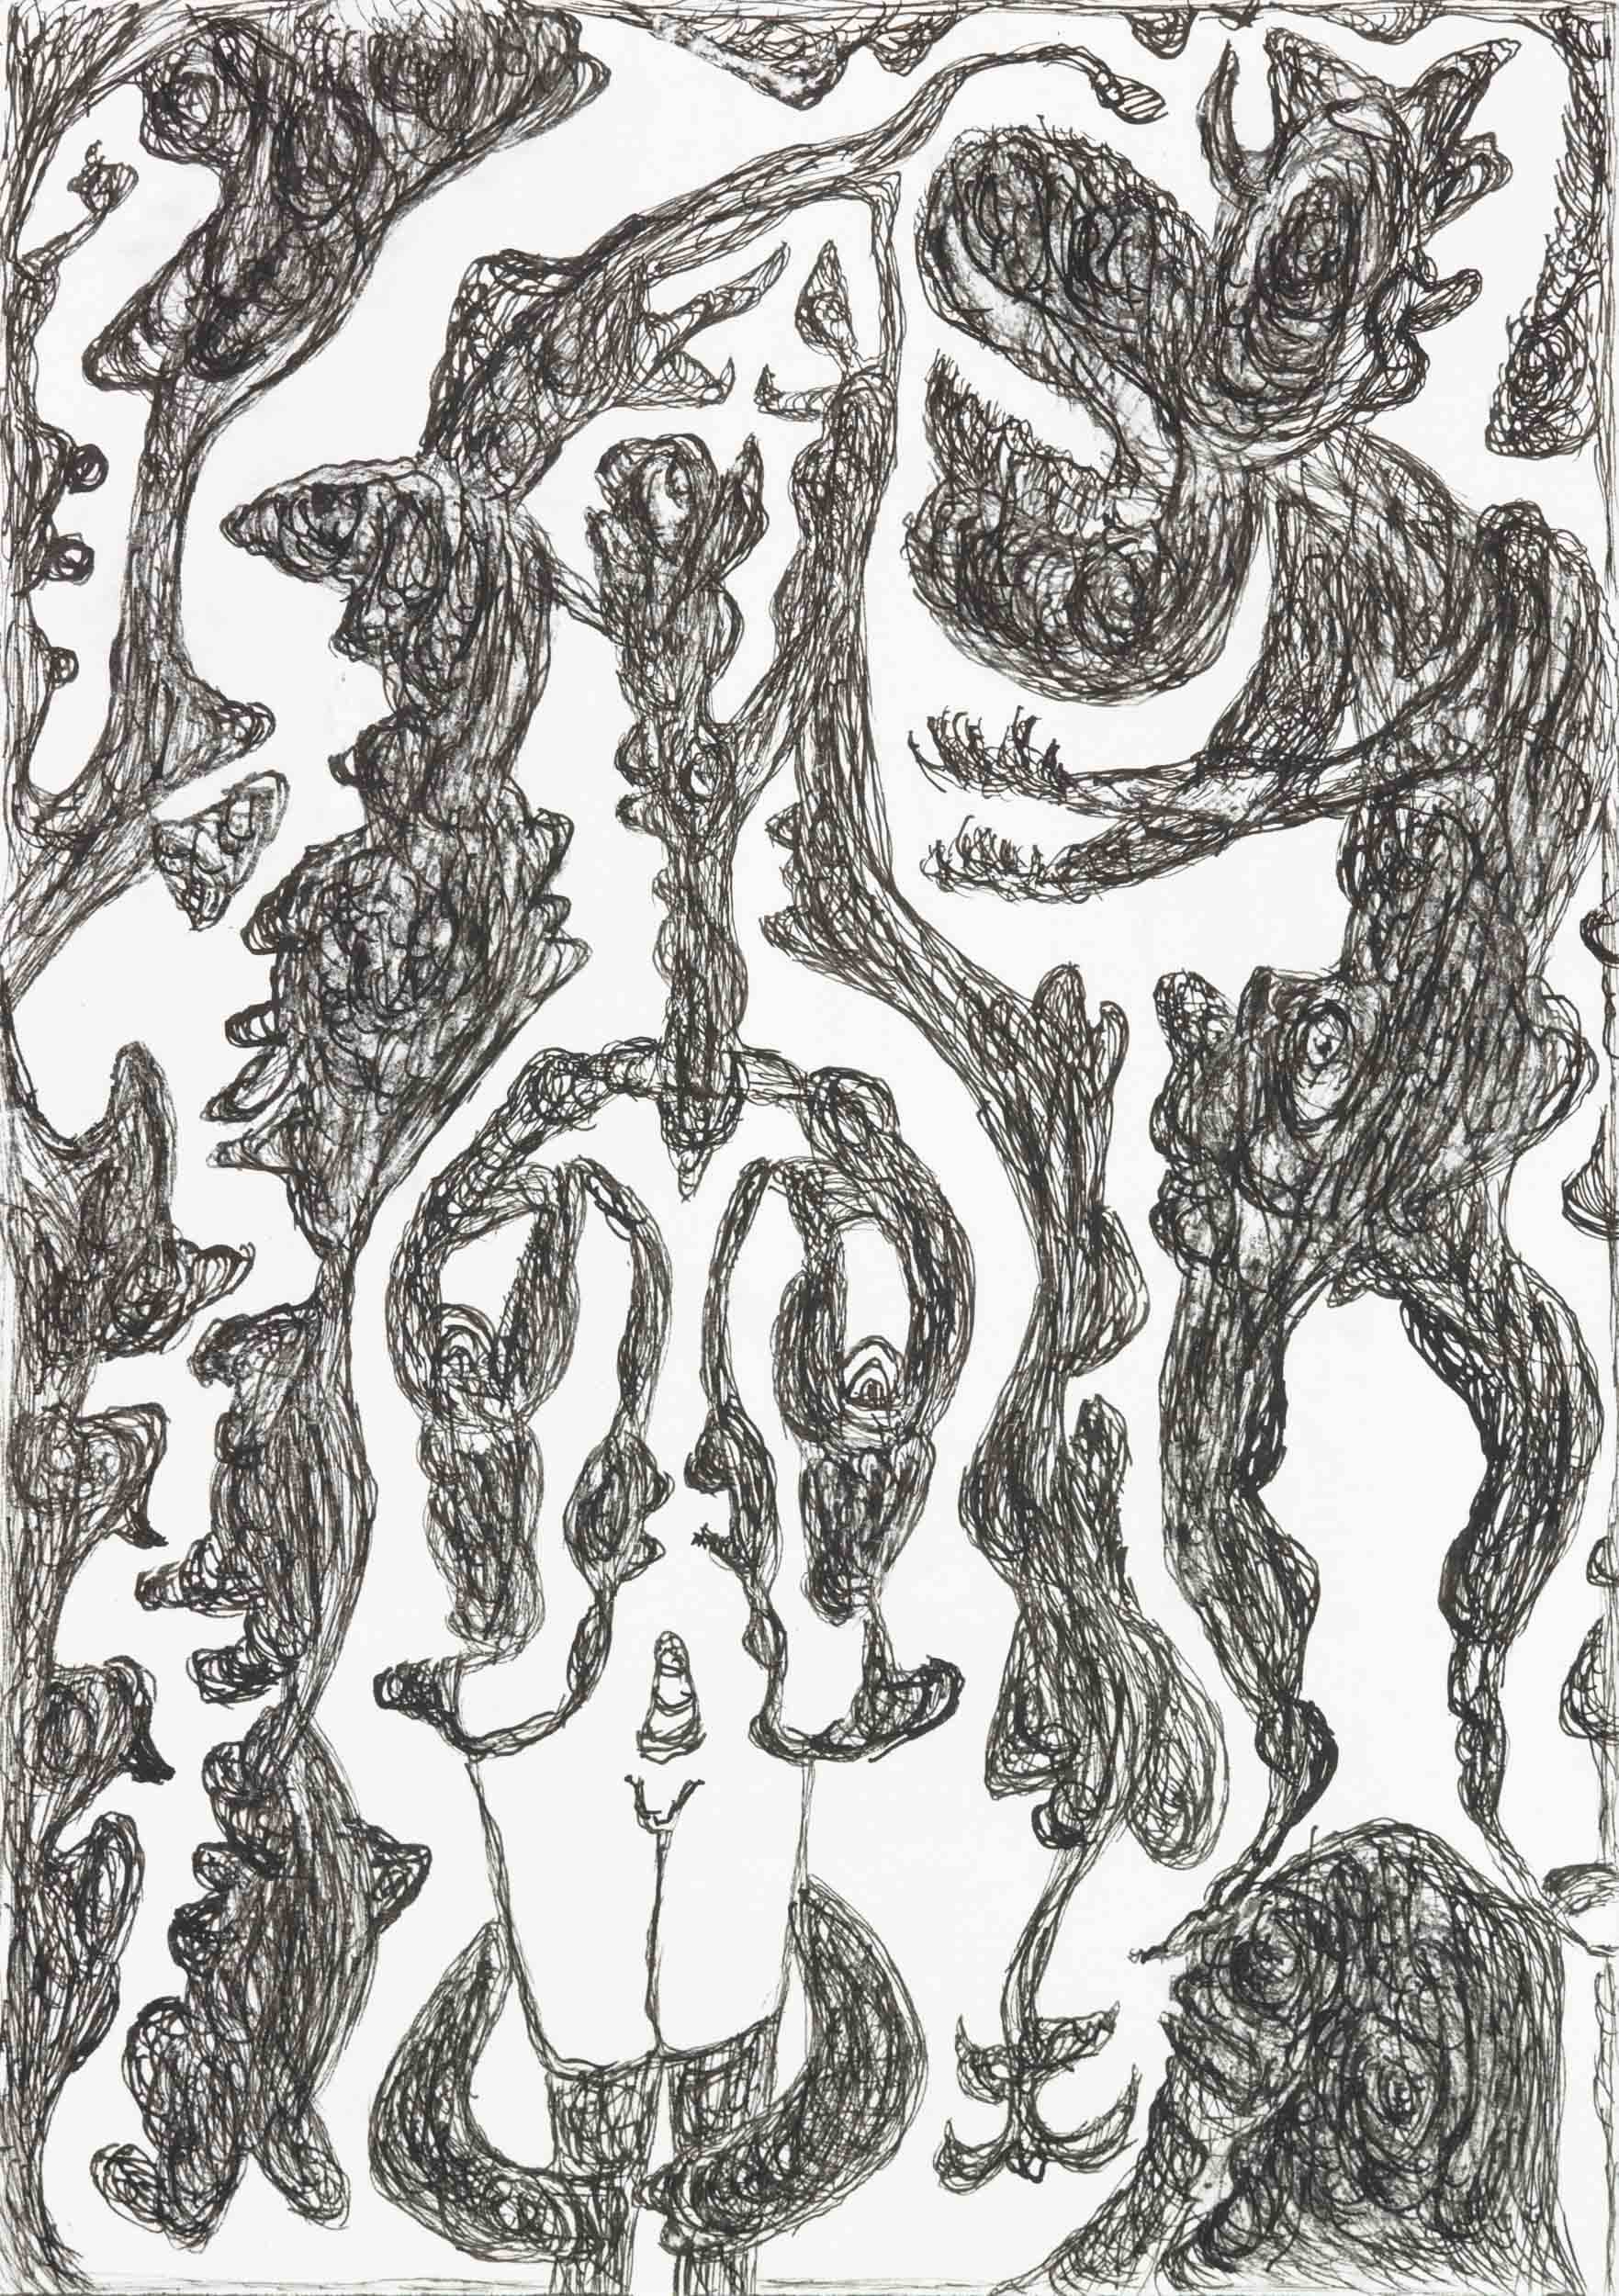 neumayr alfred - ohne titel / untitled